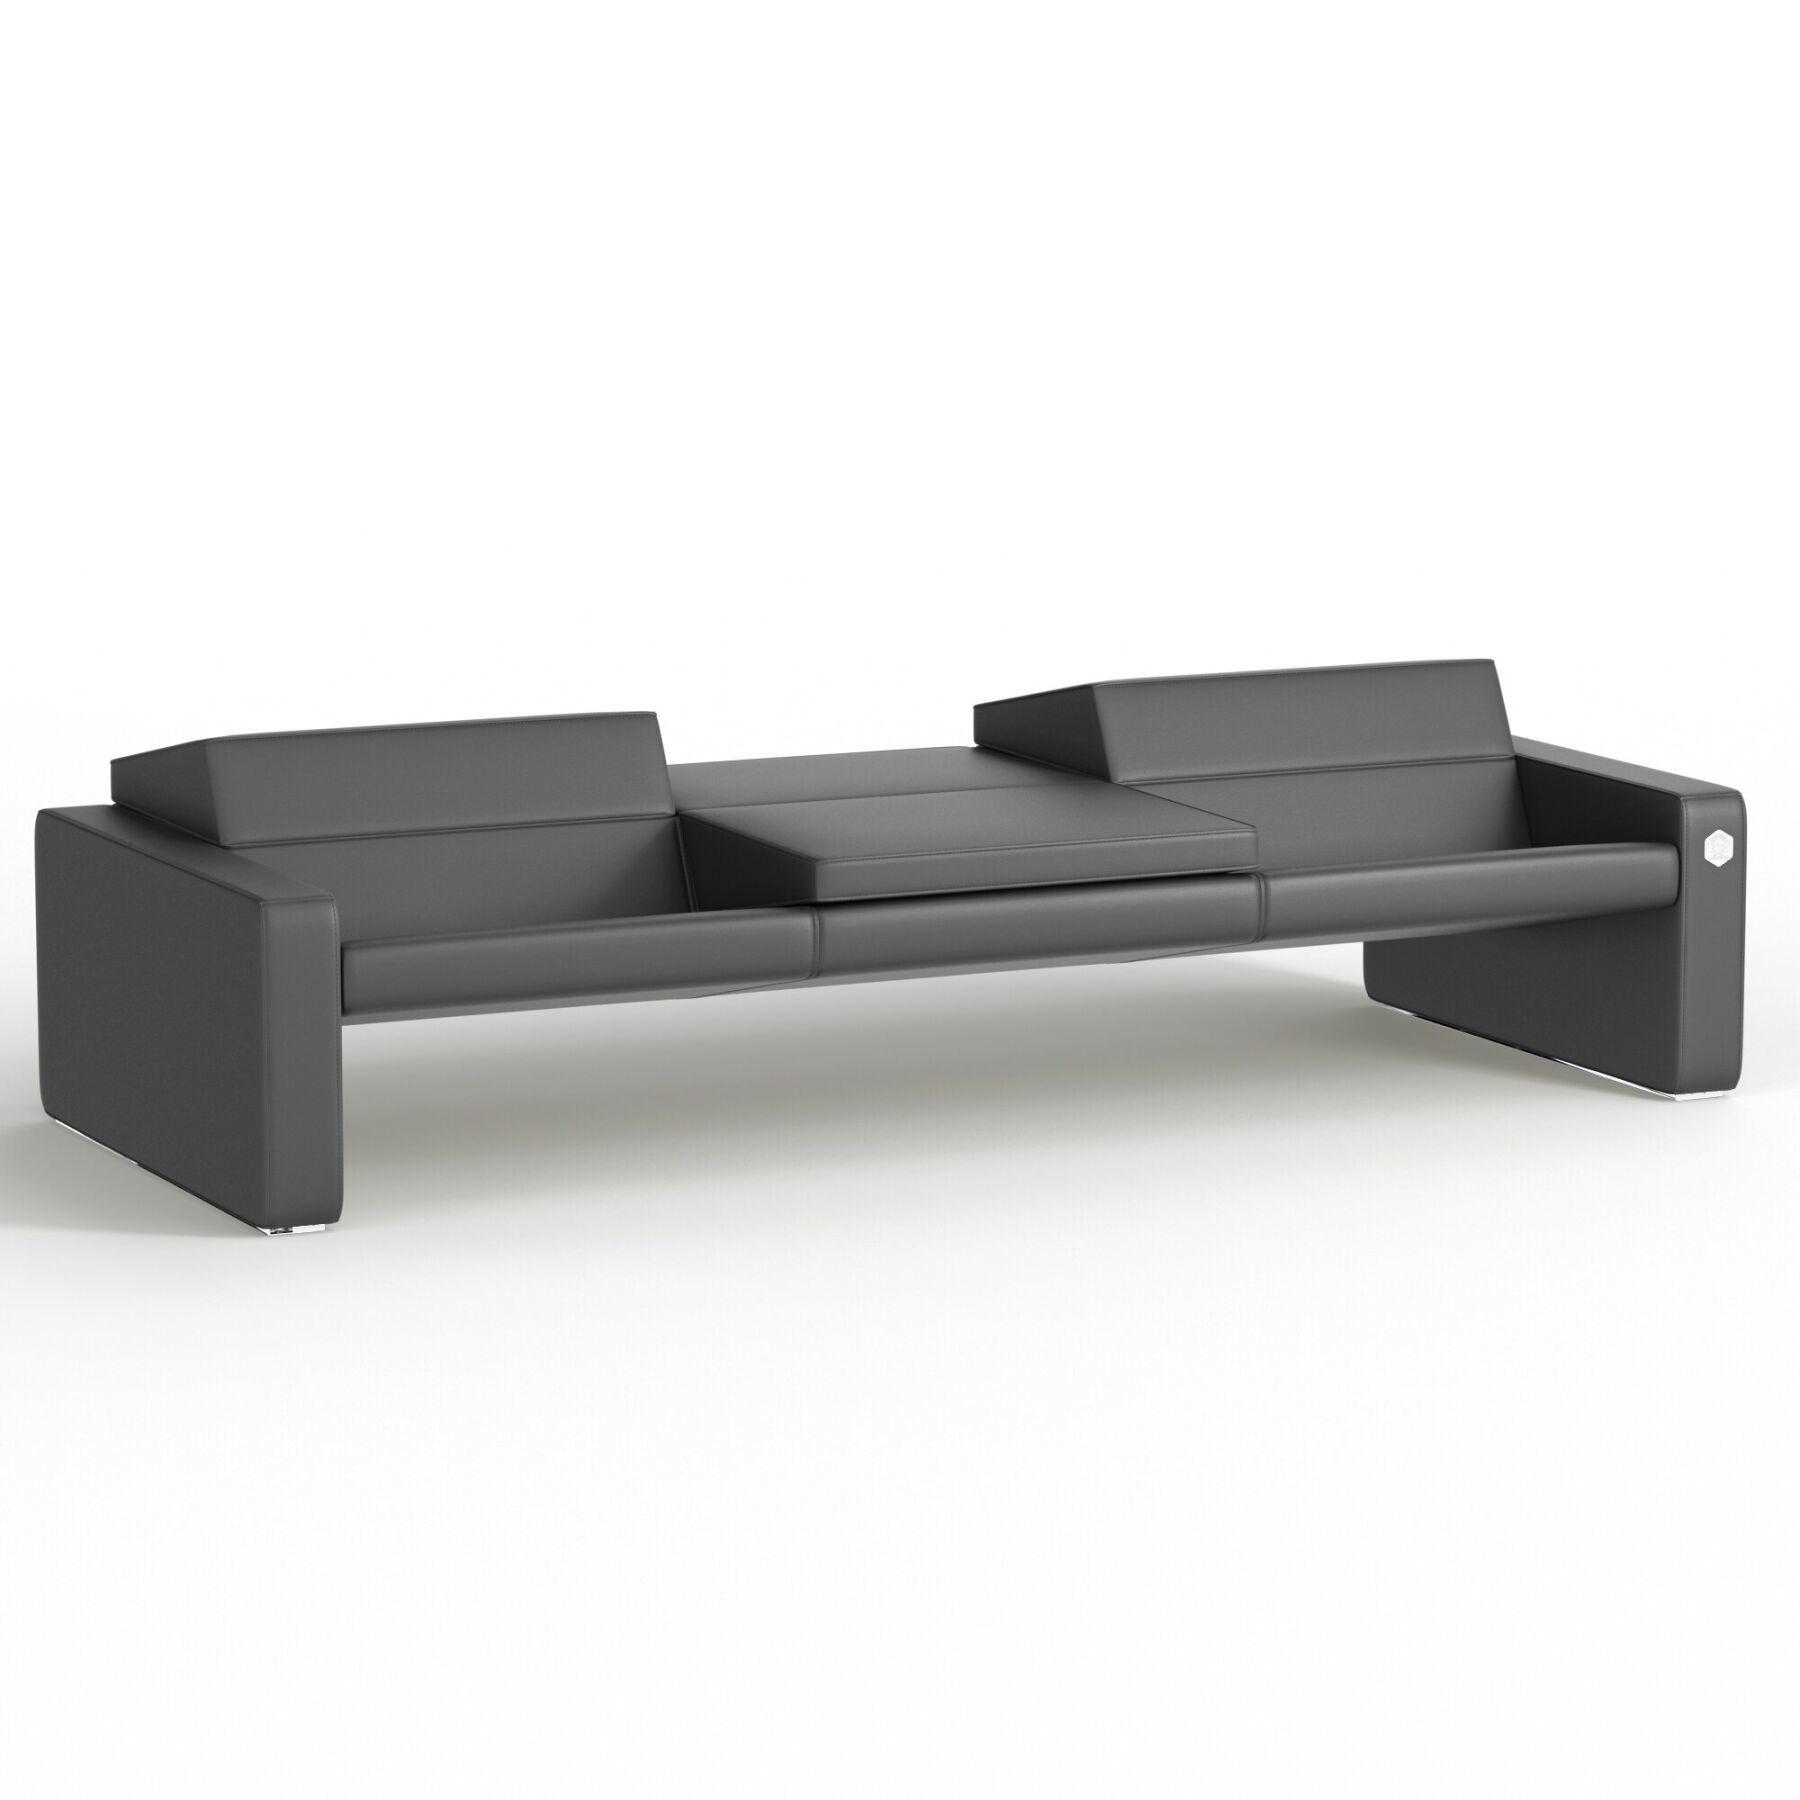 Трехместный диван KULIK SYSTEM SMART Кожа 3